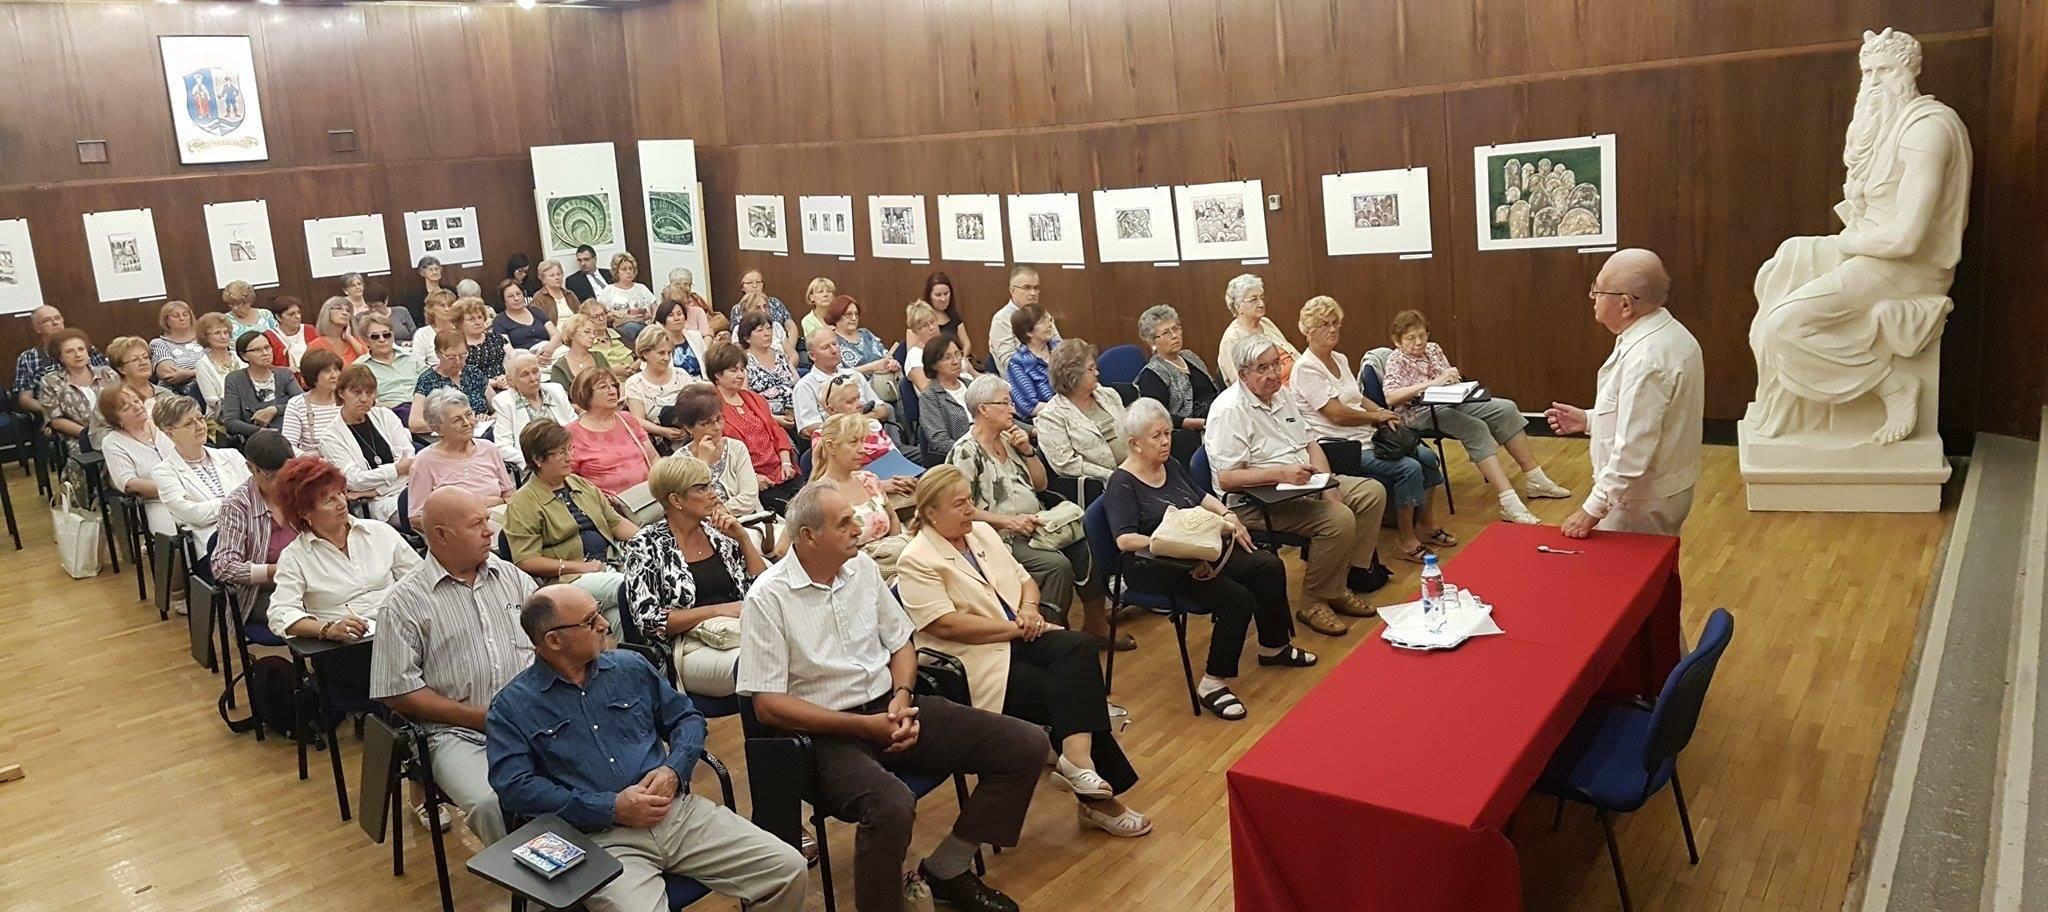 Hajagos Csaba és Szécsi Gábor tart előadást a Harmadik Kor Egyetemén